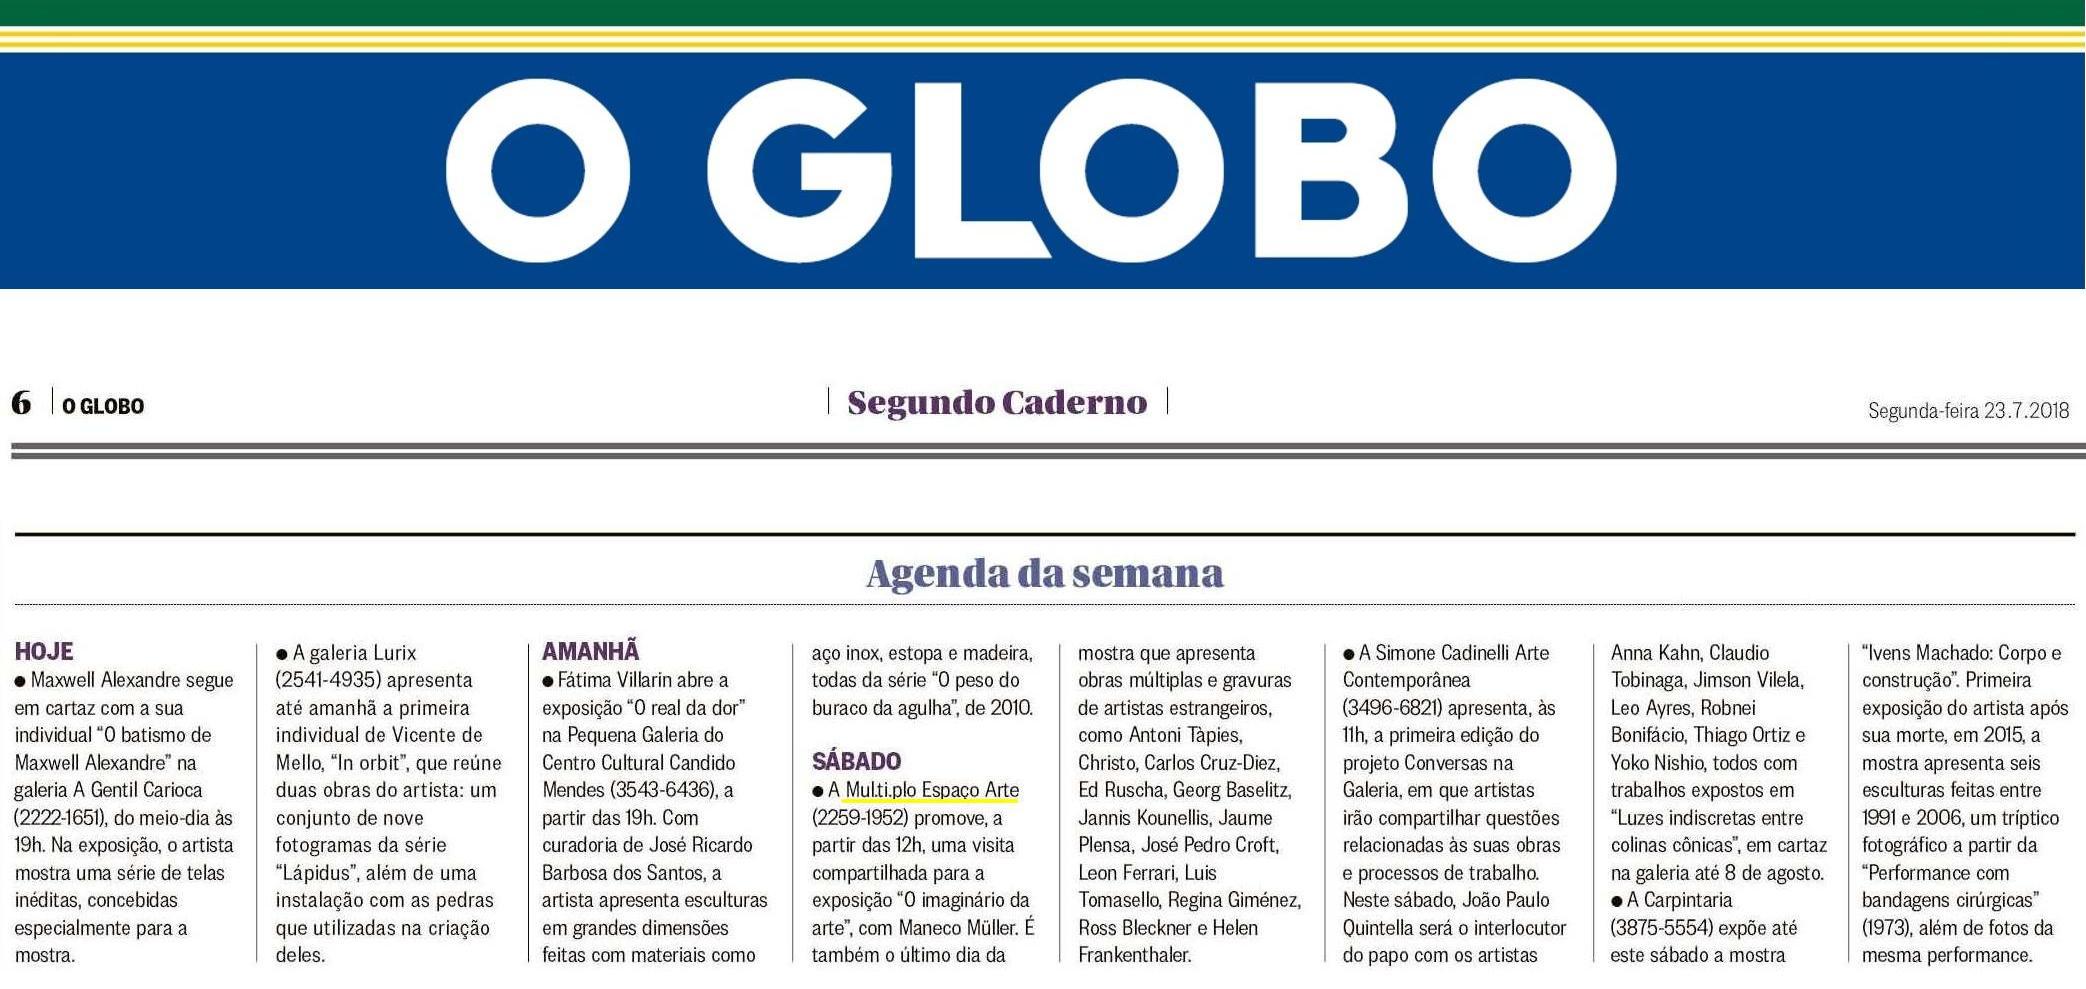 MUL.TI.PLO ESPAÇO ARTE NO SEGUNDO CADERNO 23.07.JPG